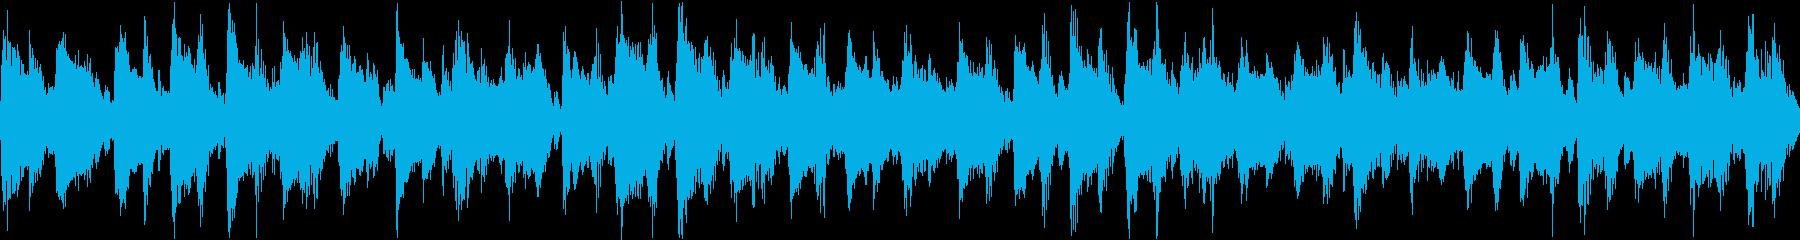 ウクレレやアコースティック楽器で演...の再生済みの波形